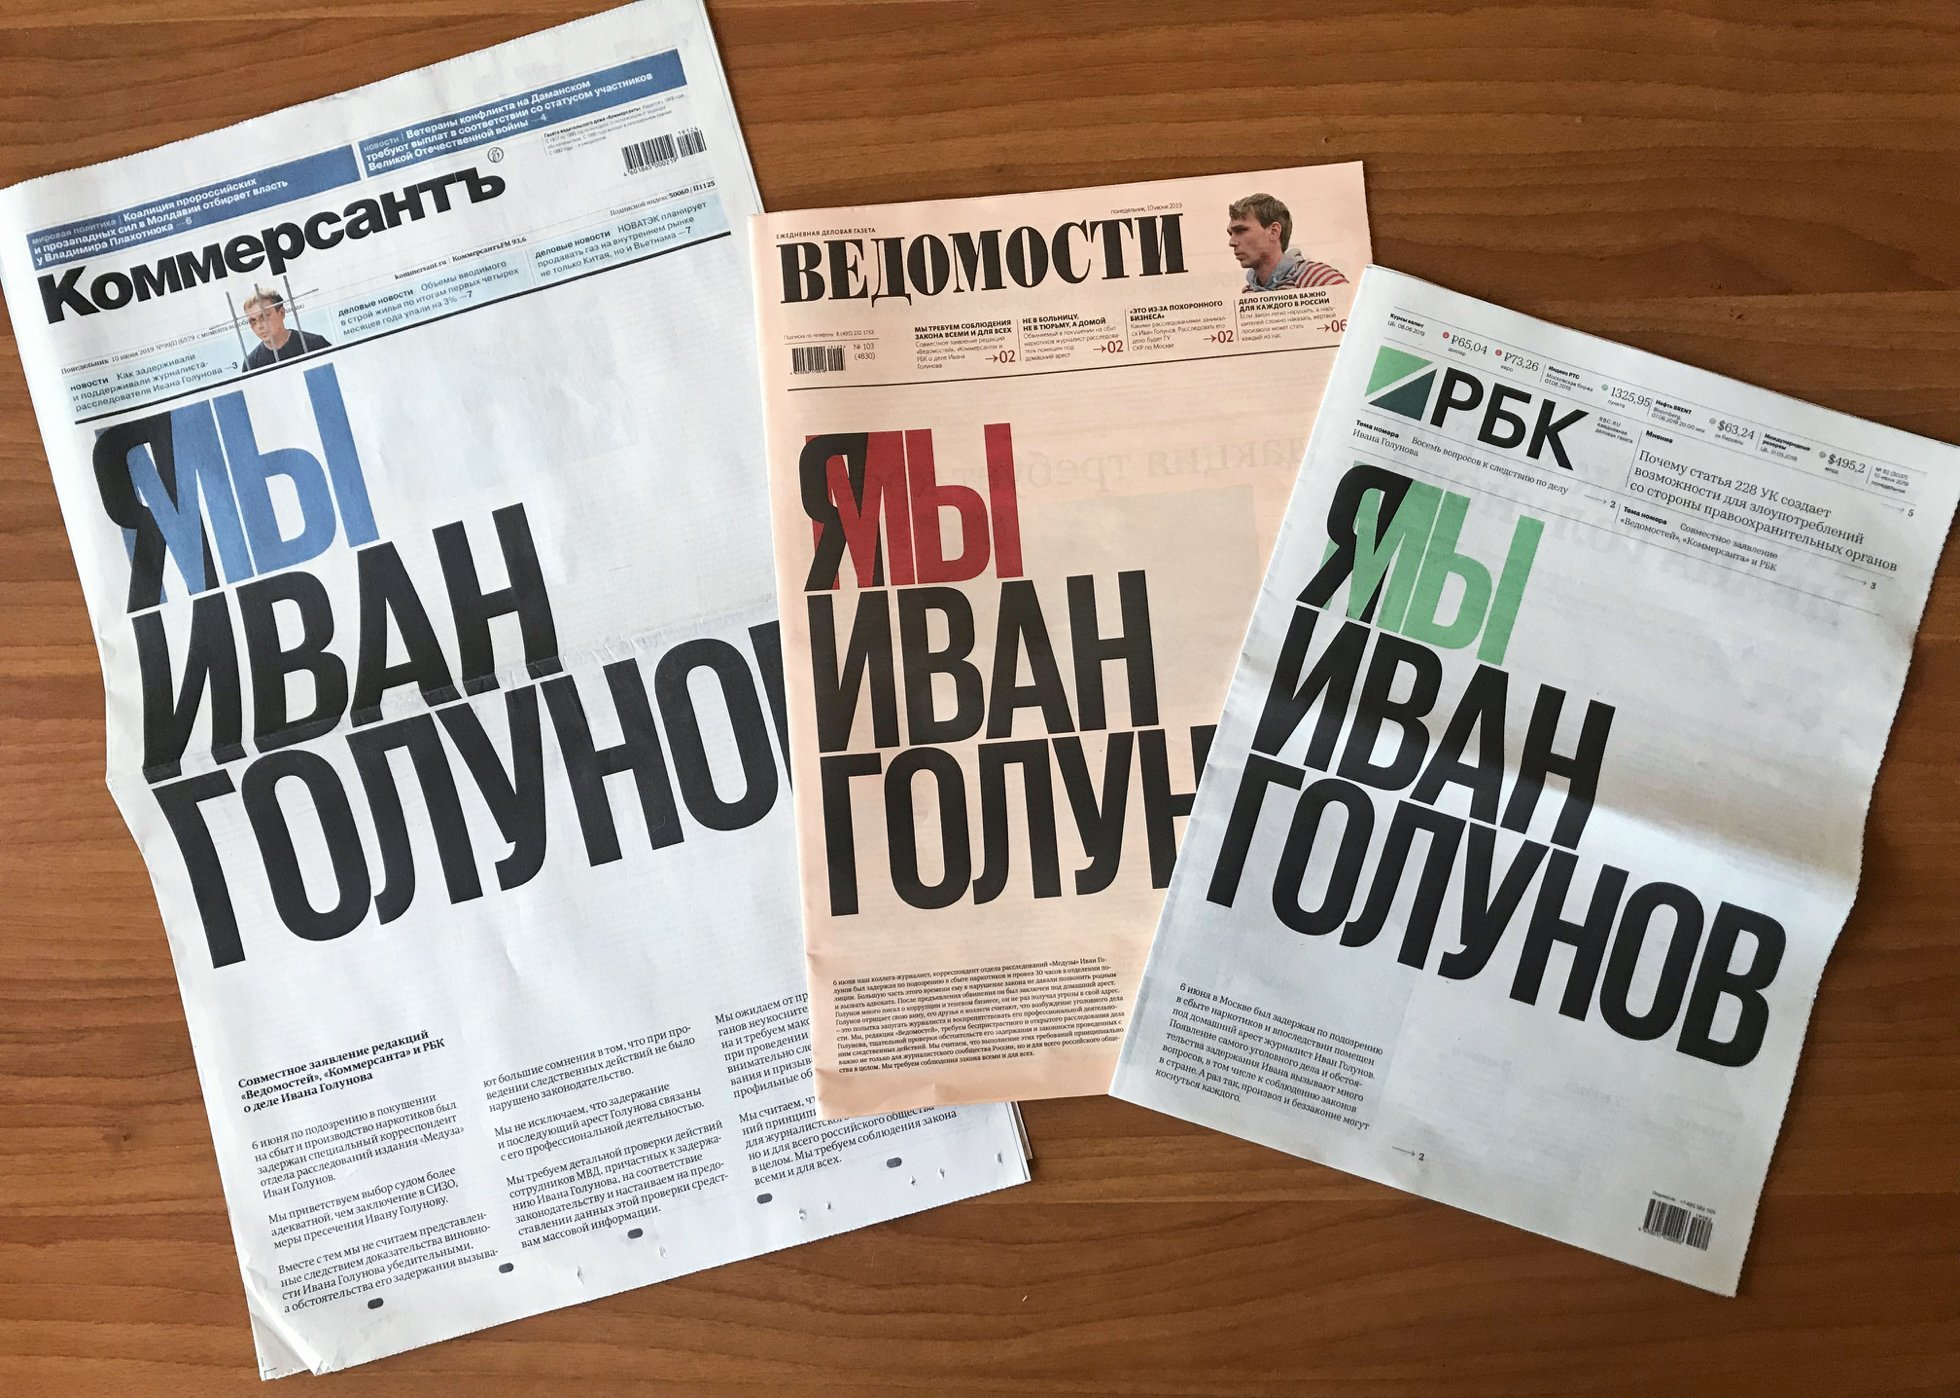 Június 10-én a jelenlegi putyini rezsimhez lojális három orosz gazdasági újság - Kommetsant, a Vedomosti és az RBK - történelmük során először azonos címlappal jelent meg. Moszkvában és Szentpéterváron az újságokat csaknem teljesen eladták.